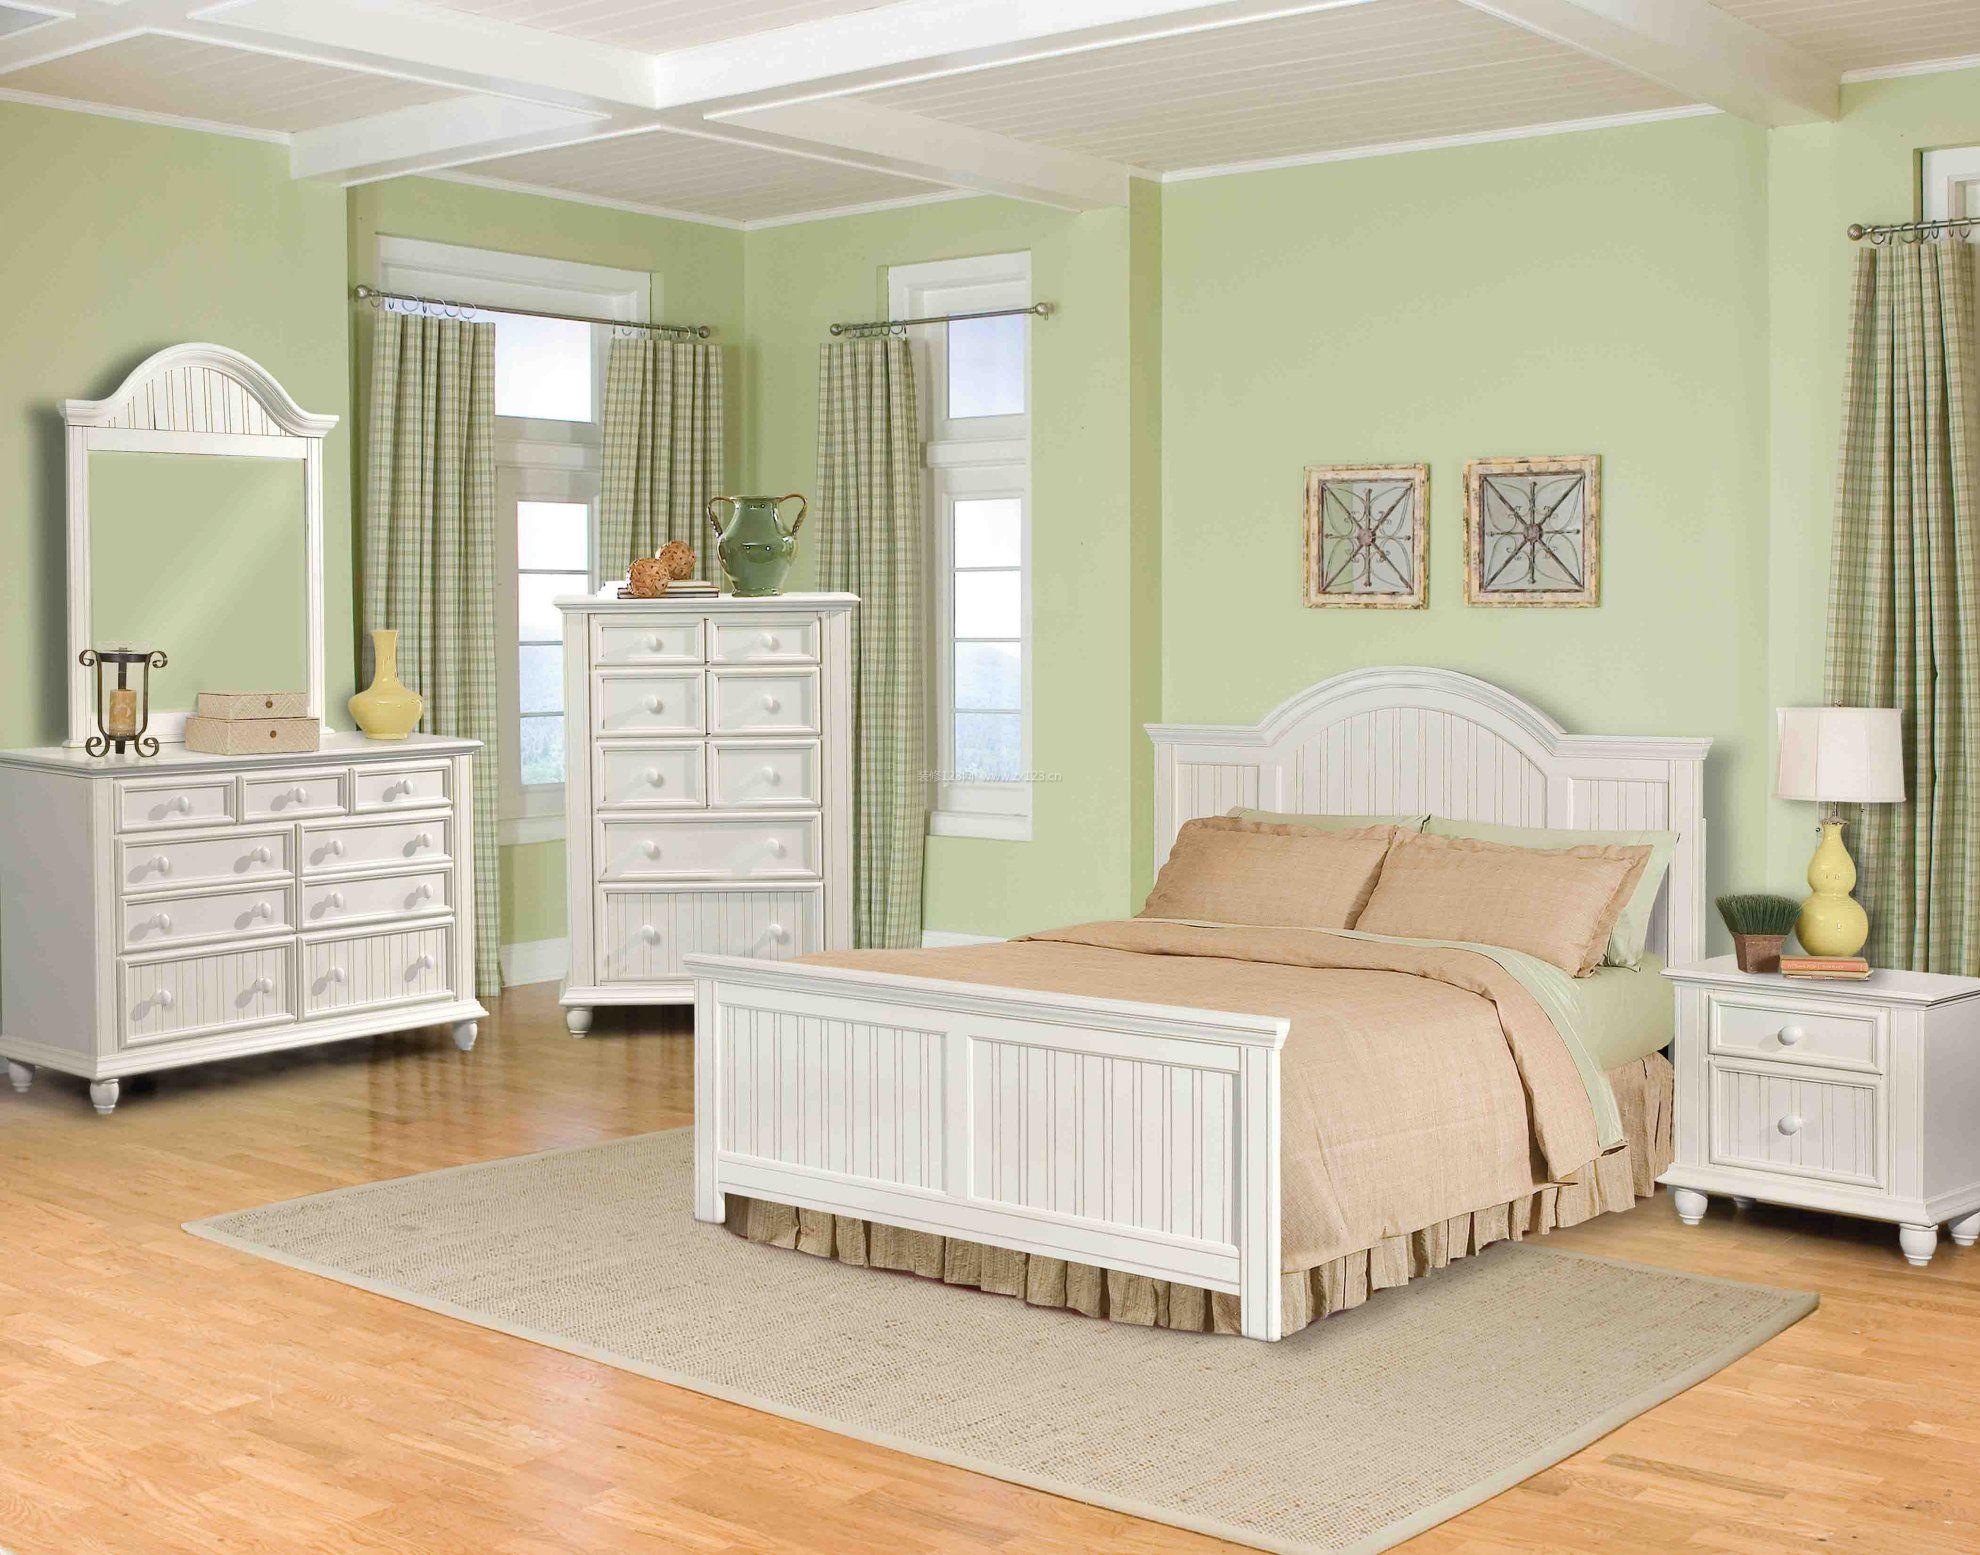 北欧风格卧室松木家具效果图